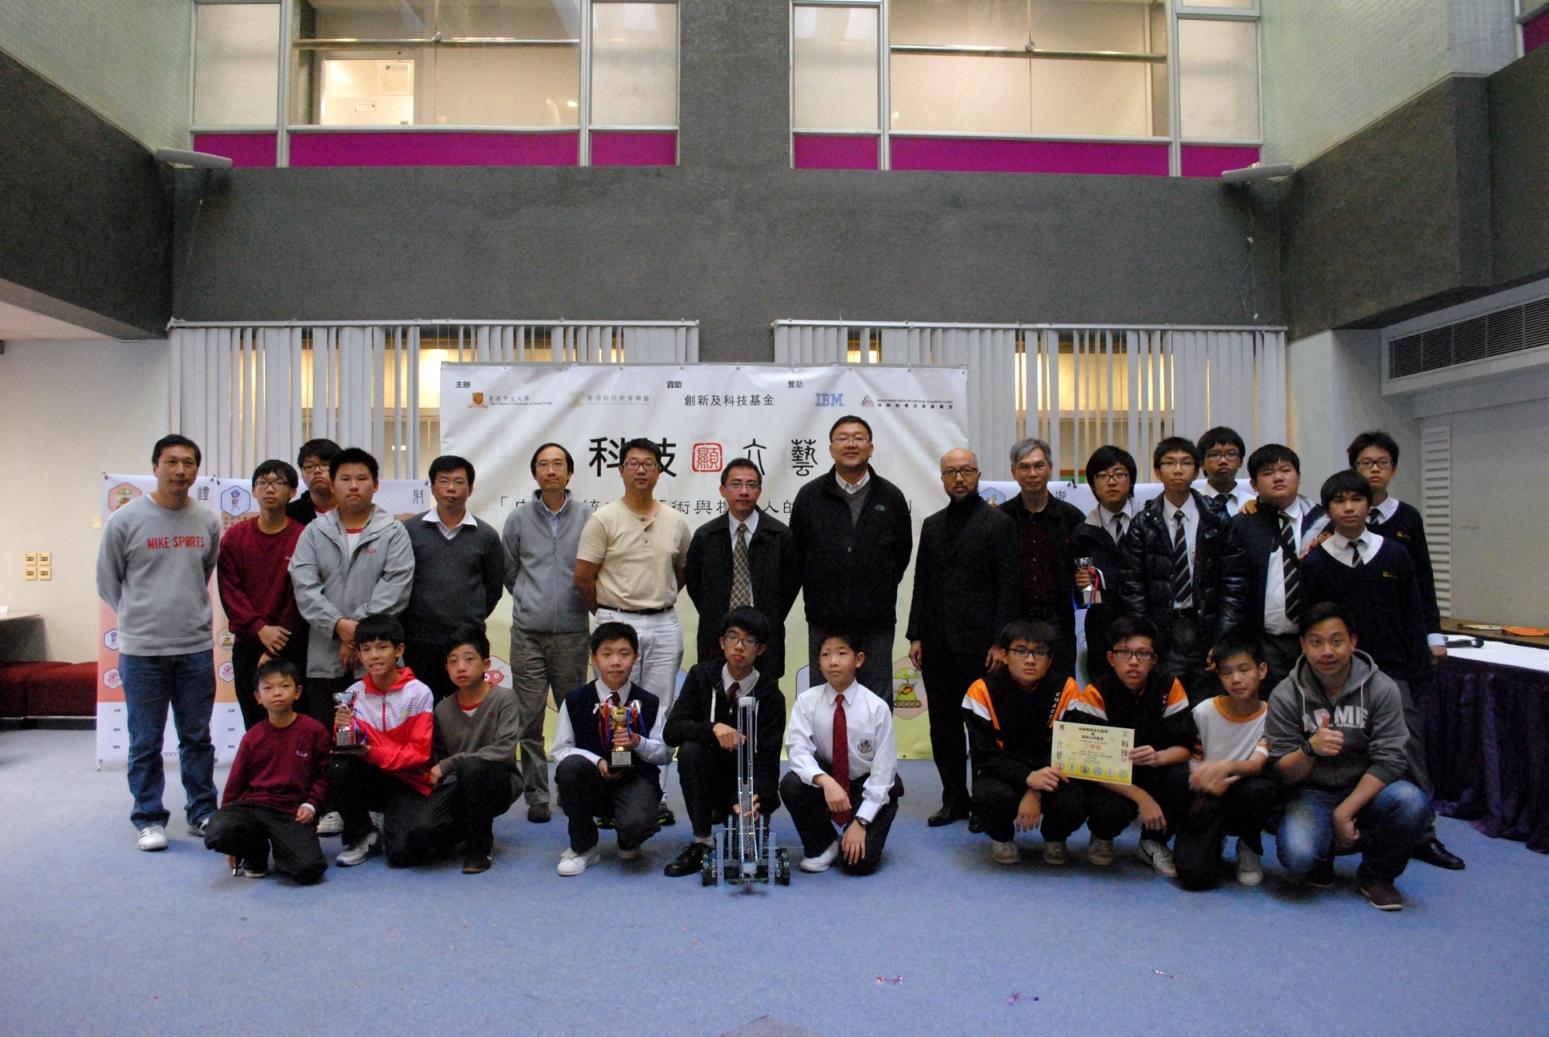 「科技顯六藝」機械人創意比賽「射」藝組得獎隊伍。